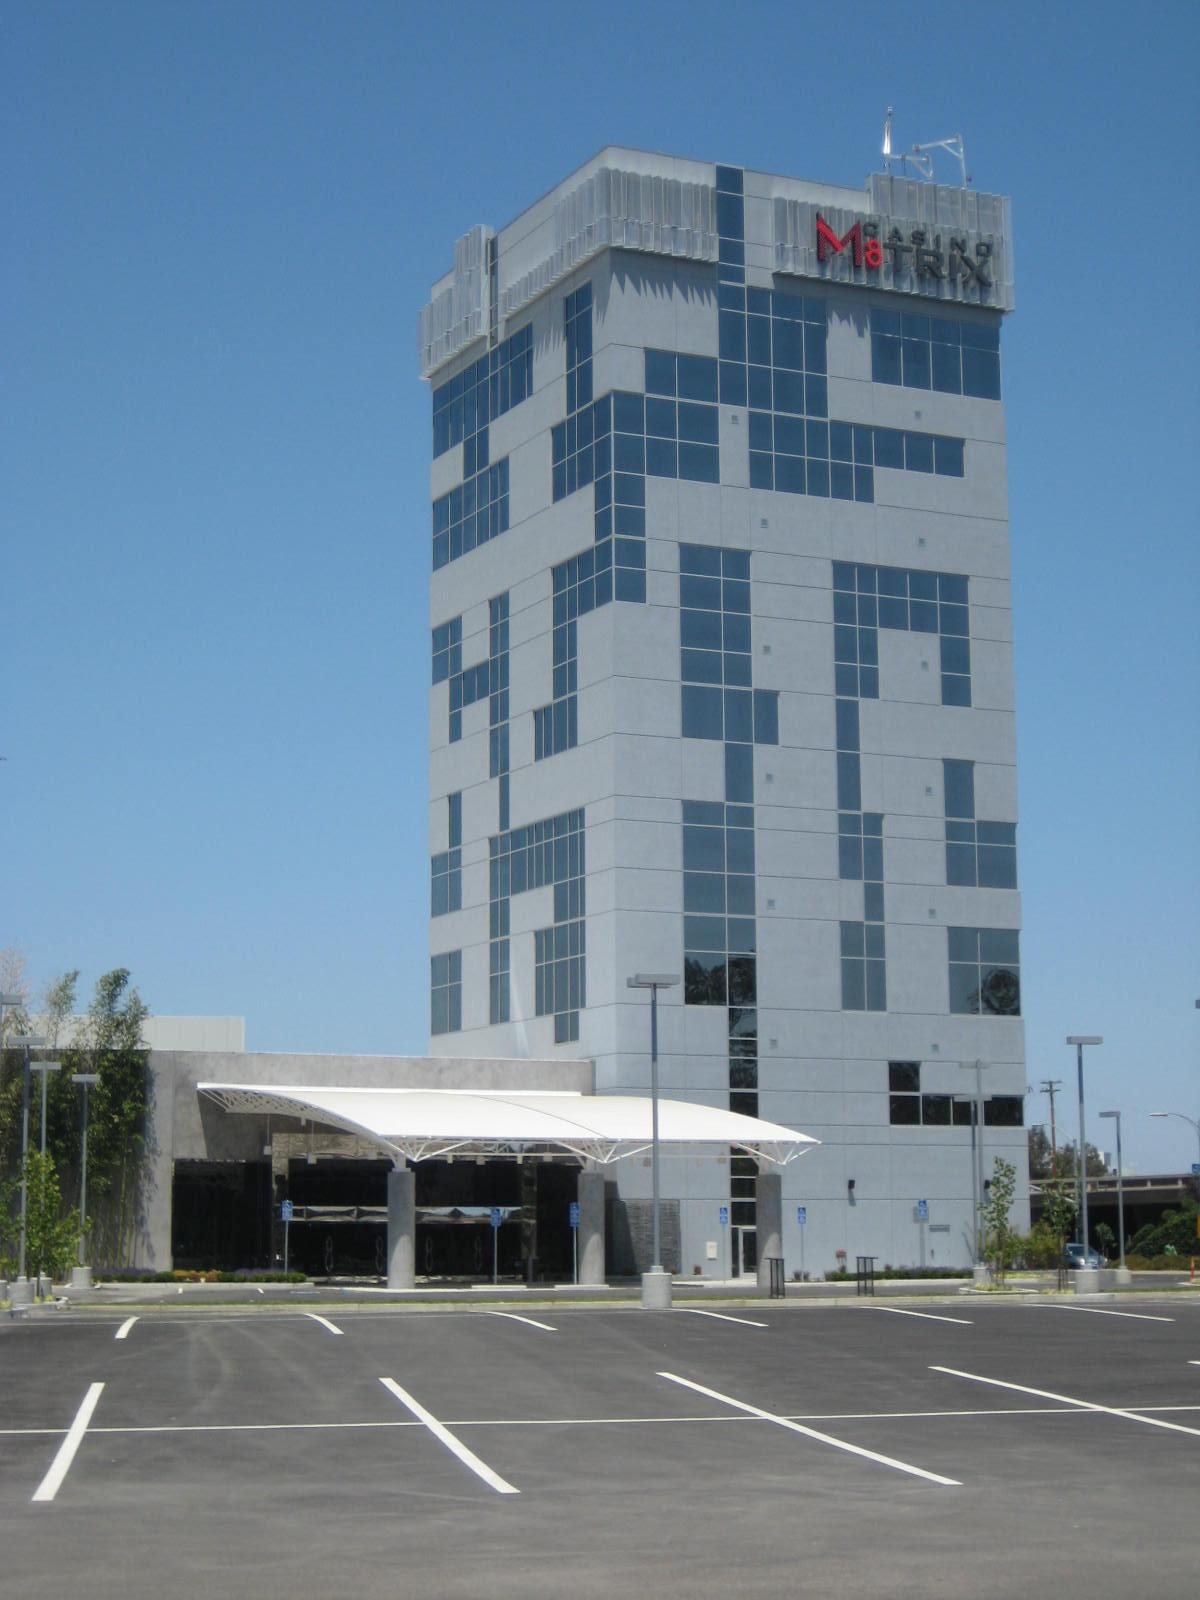 M8trix casino san jose review